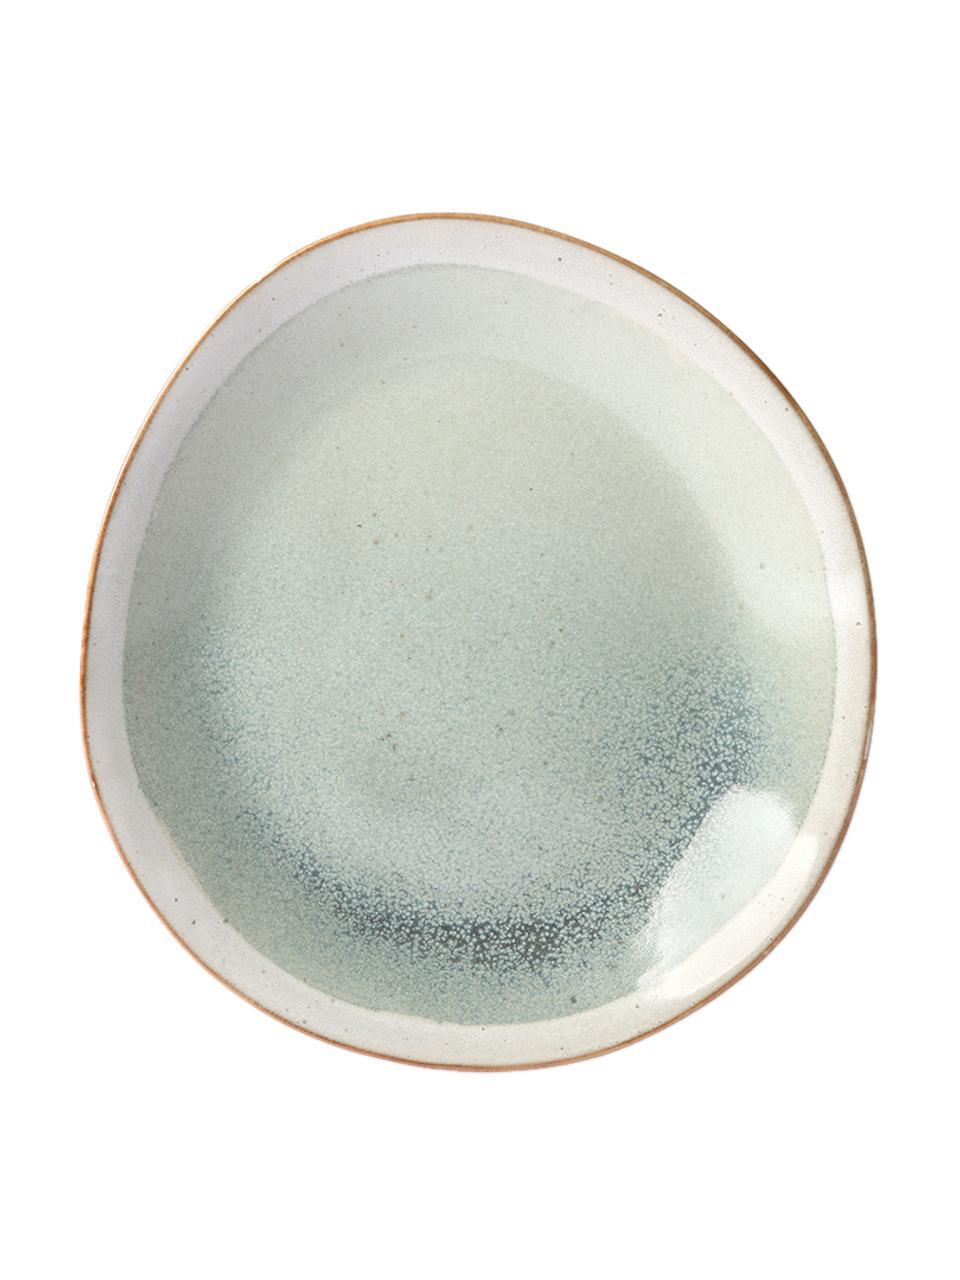 Handgemachte Frühstücksteller 70's im Retro Style, 2 Stück, Steingut, Grün, Creme, Ø 22 cm